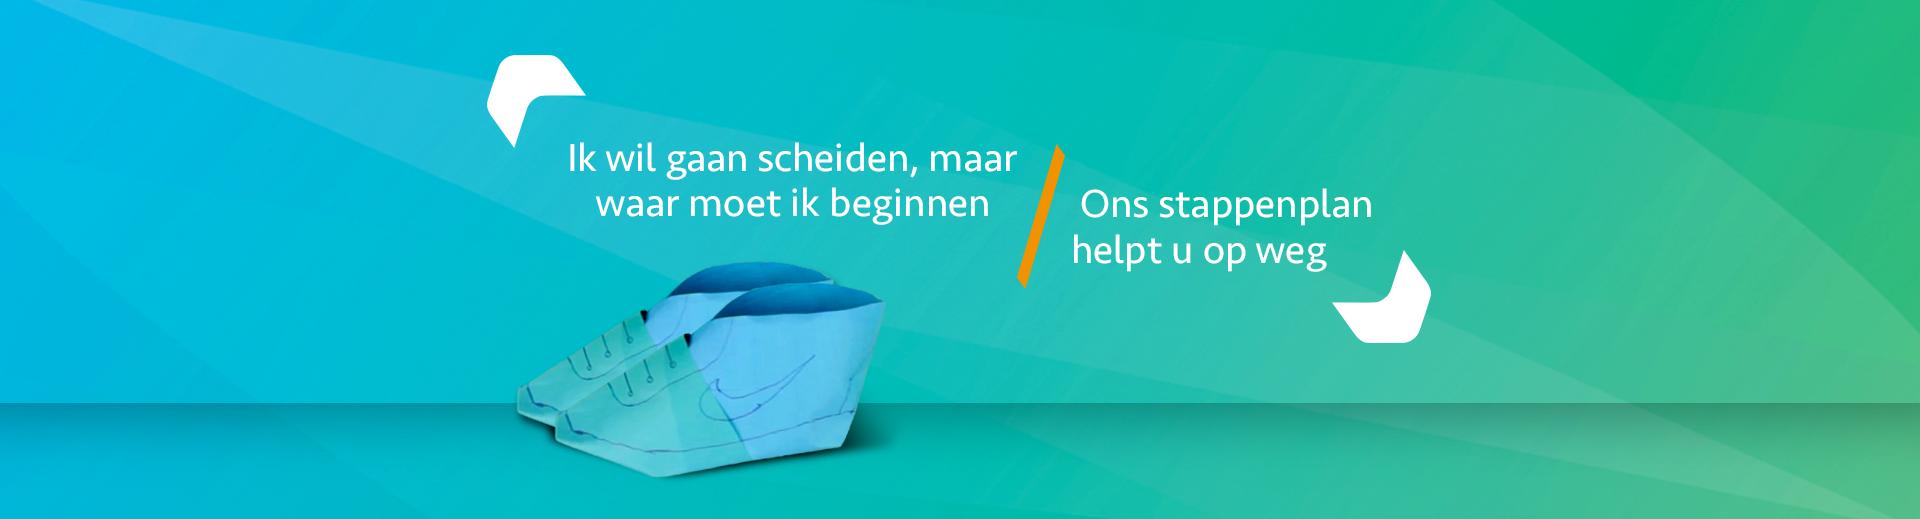 Scheiden... maar waar moet ik beginnen? Met stappenplan - Scheidingsplanner Hilversum - Bilthoven - Soest - Het Gooi